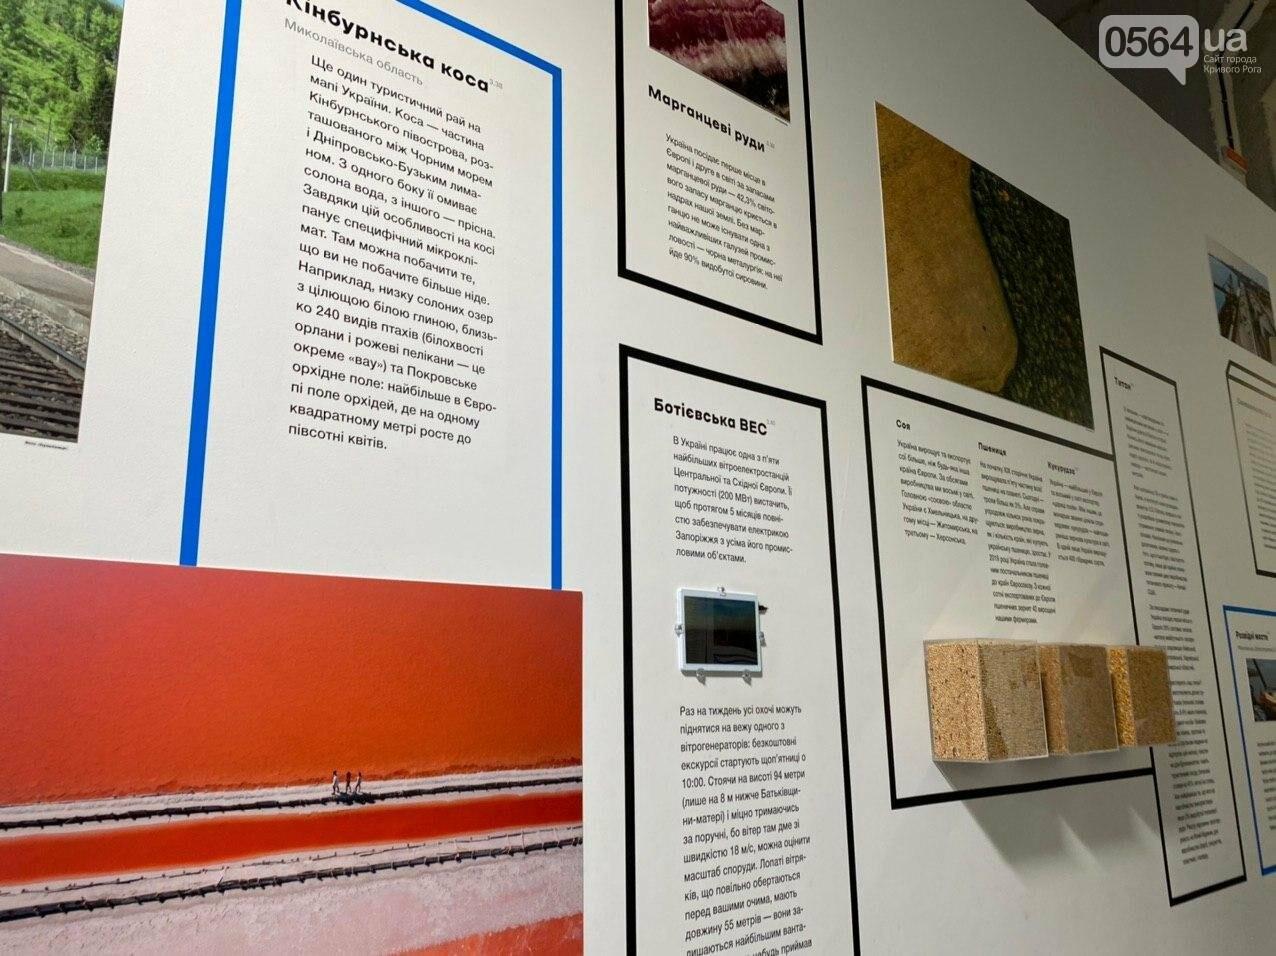 Ukraine WOW: что можно было узнать о Кривом Роге на интерактивной выставке, - ФОТО , фото-50